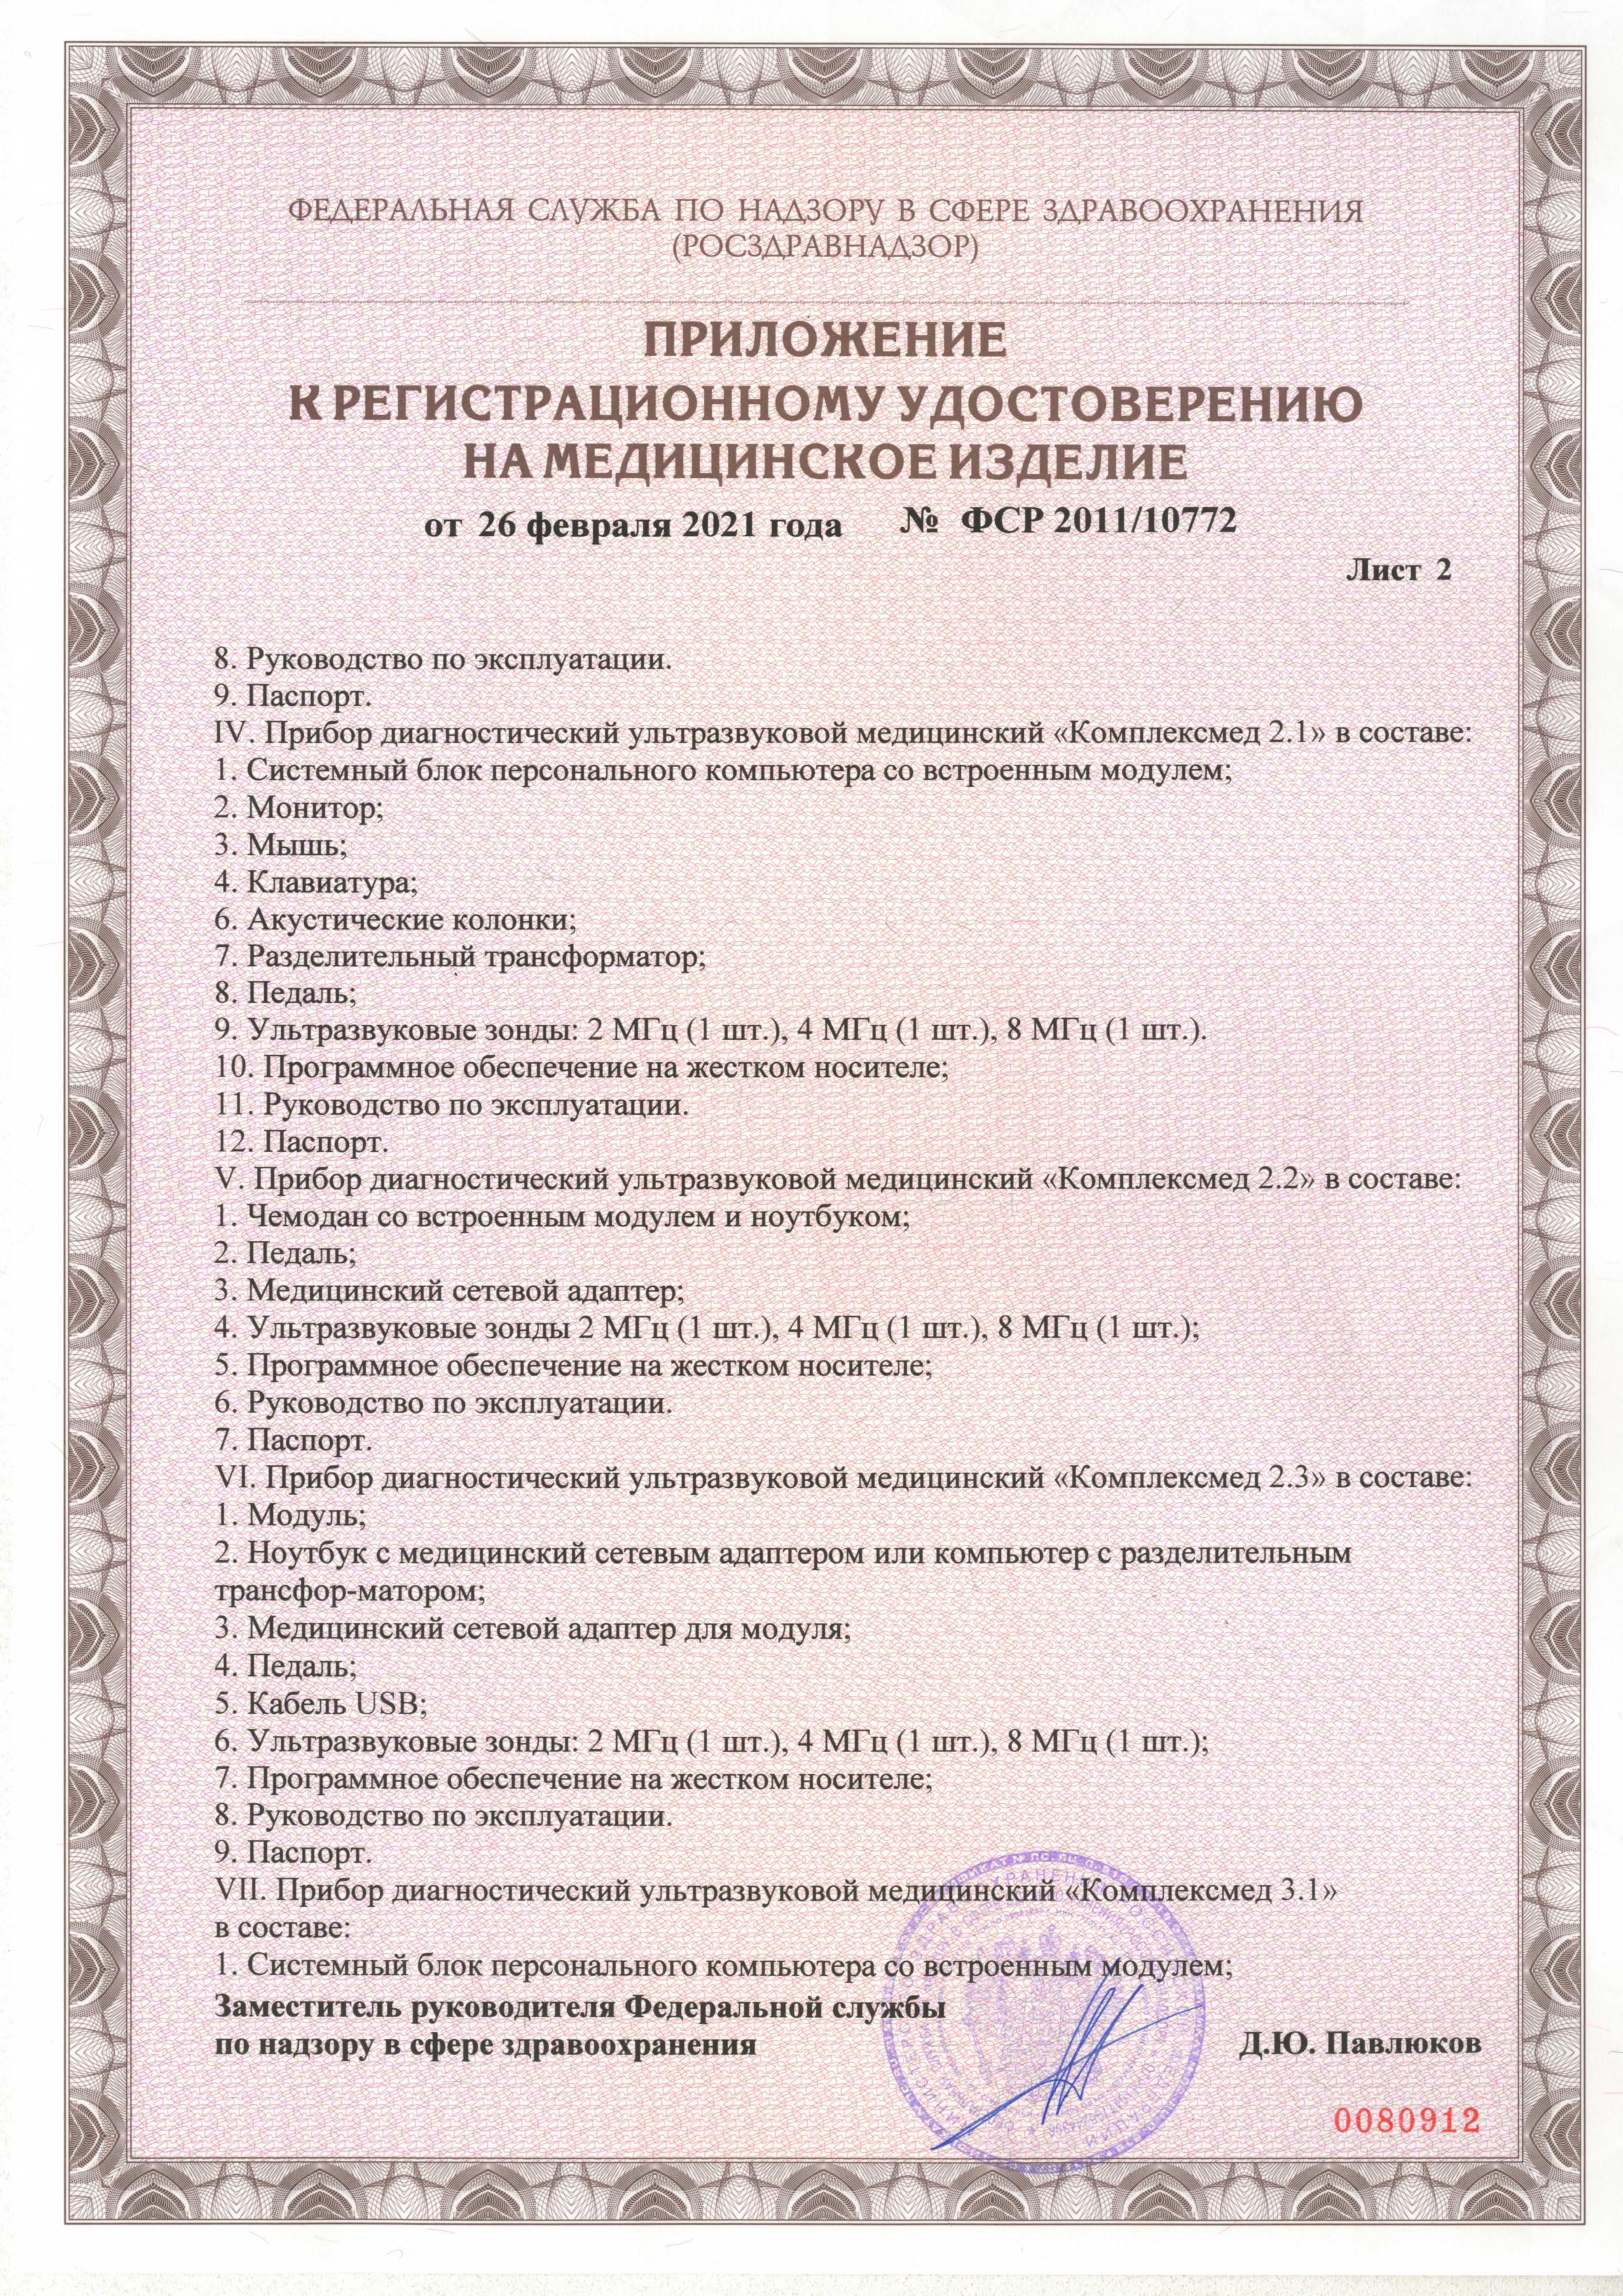 Регистрационное удостоверение